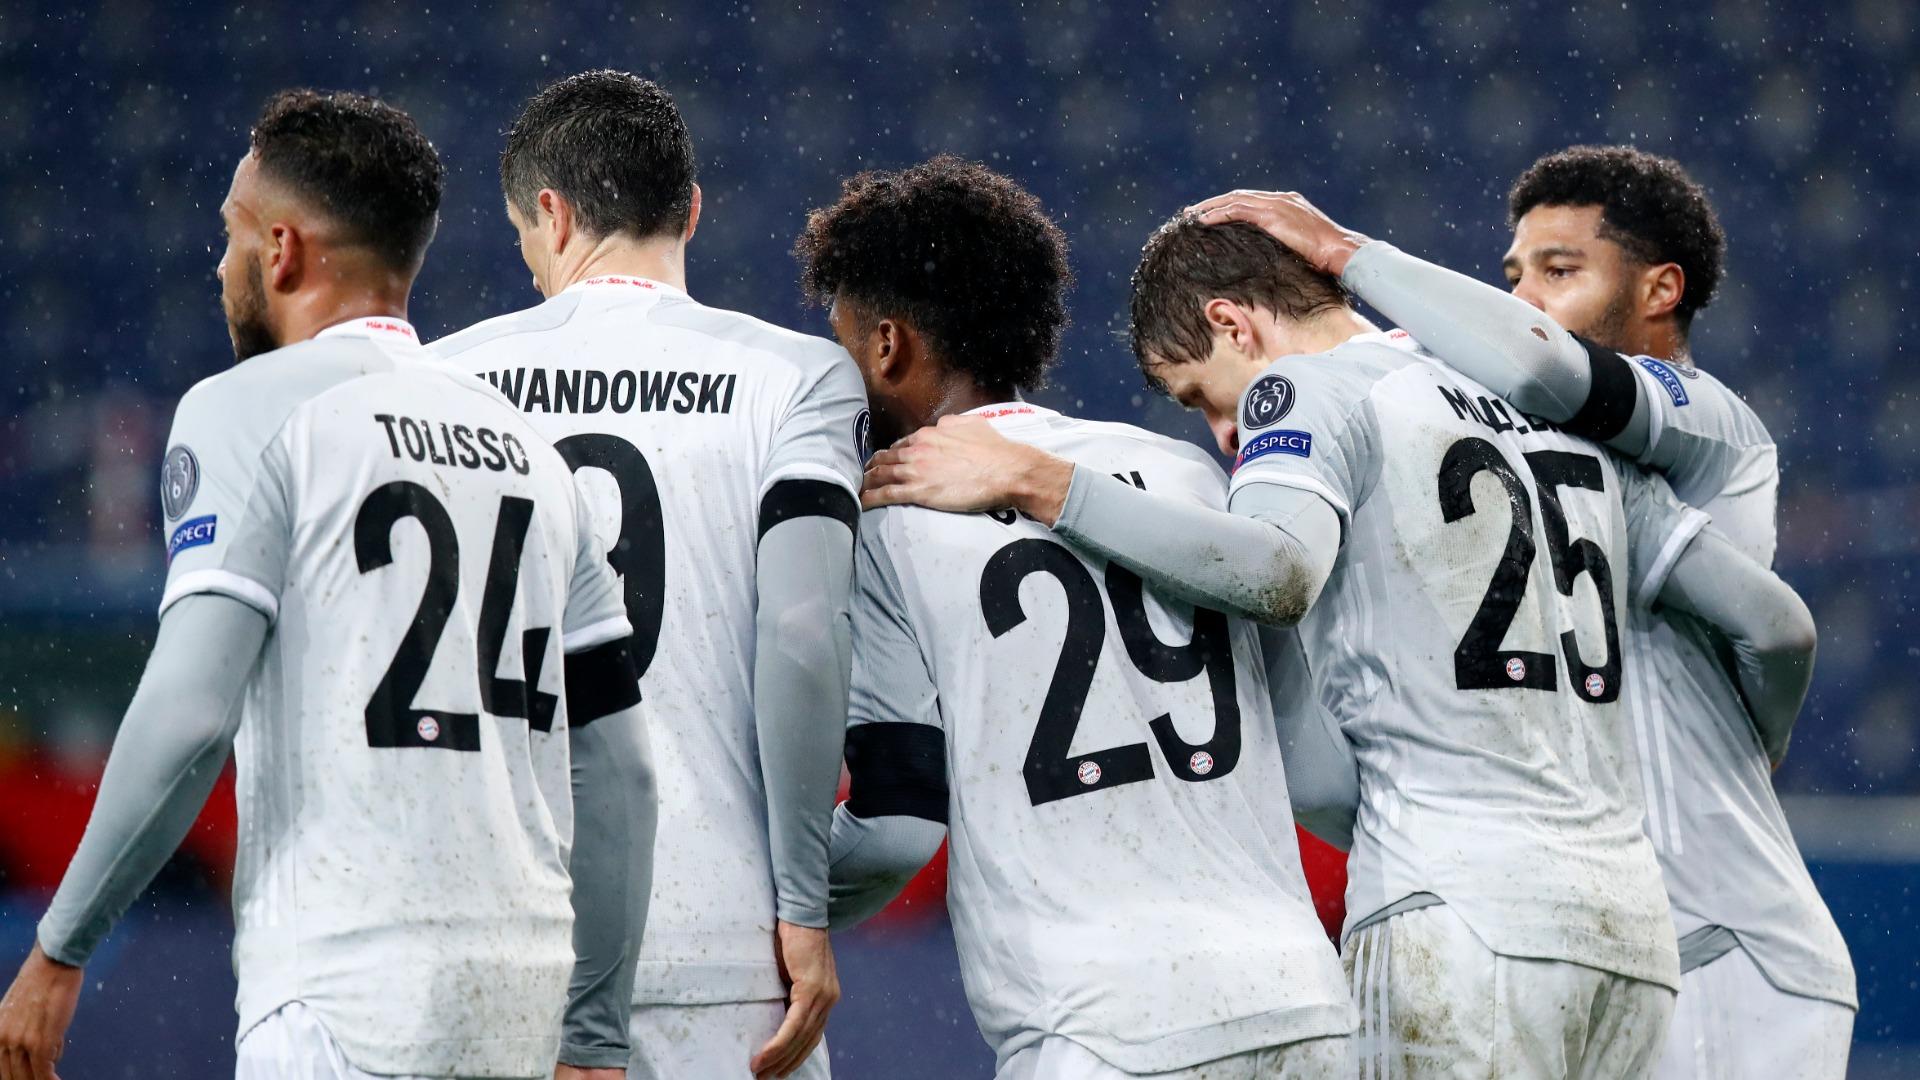 Salzburg 2-6 Bayern Munich: Lewandowski nets twice as late flurry keeps champions perfect